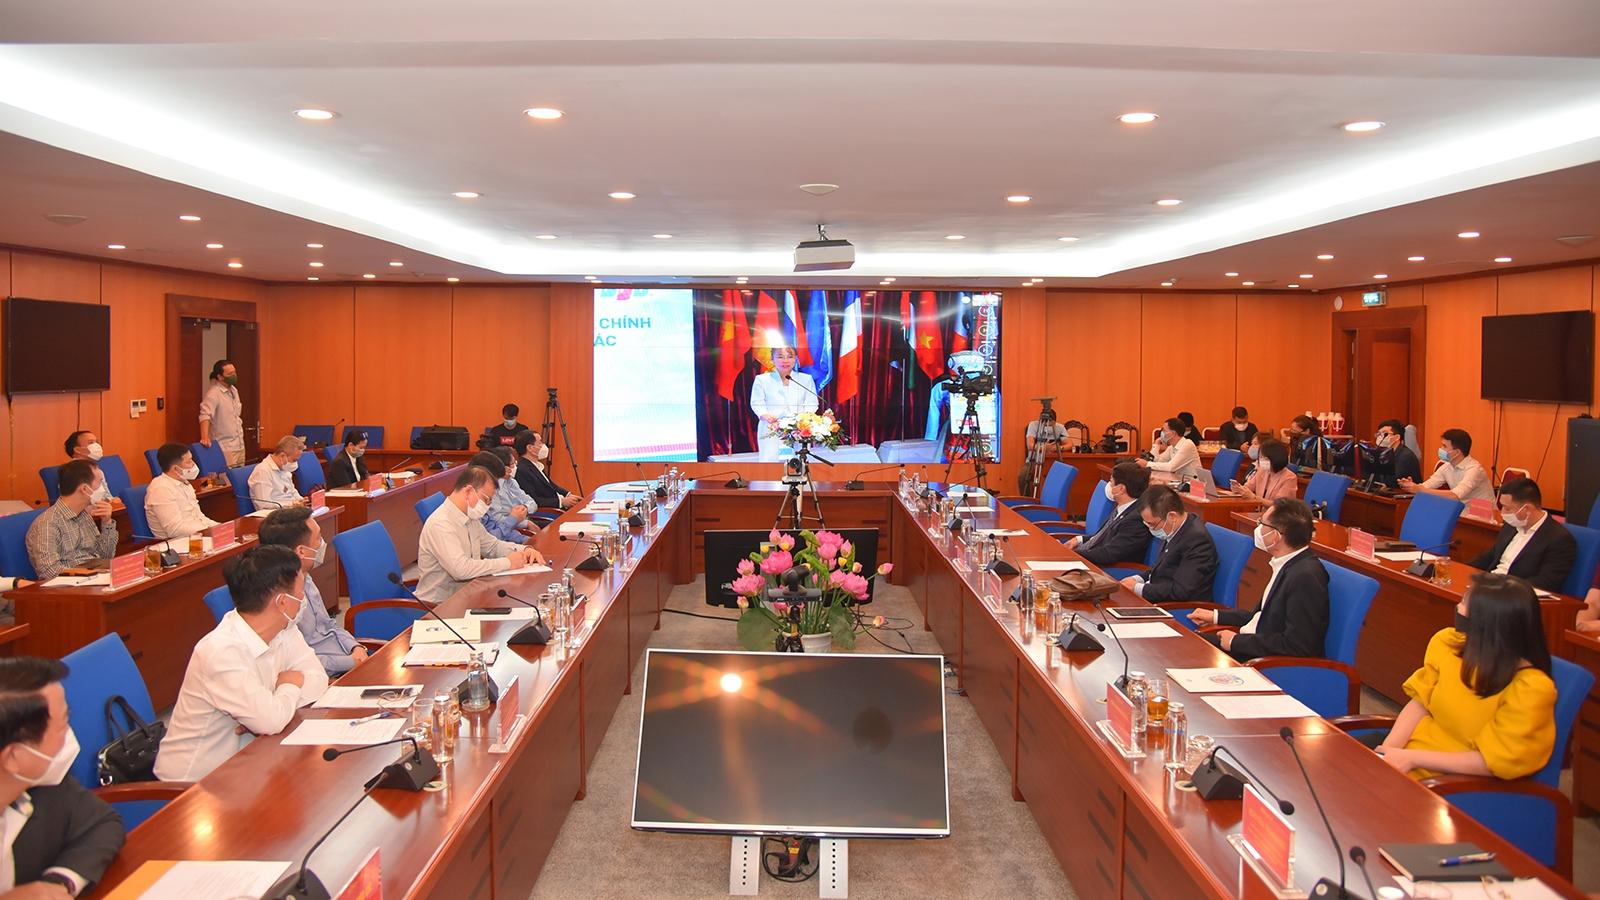 Giải quyết nghẽn lệnh HoSE, 2 Tập đoàn được Bộ trưởng Bộ Tài chính tặng bằng khen